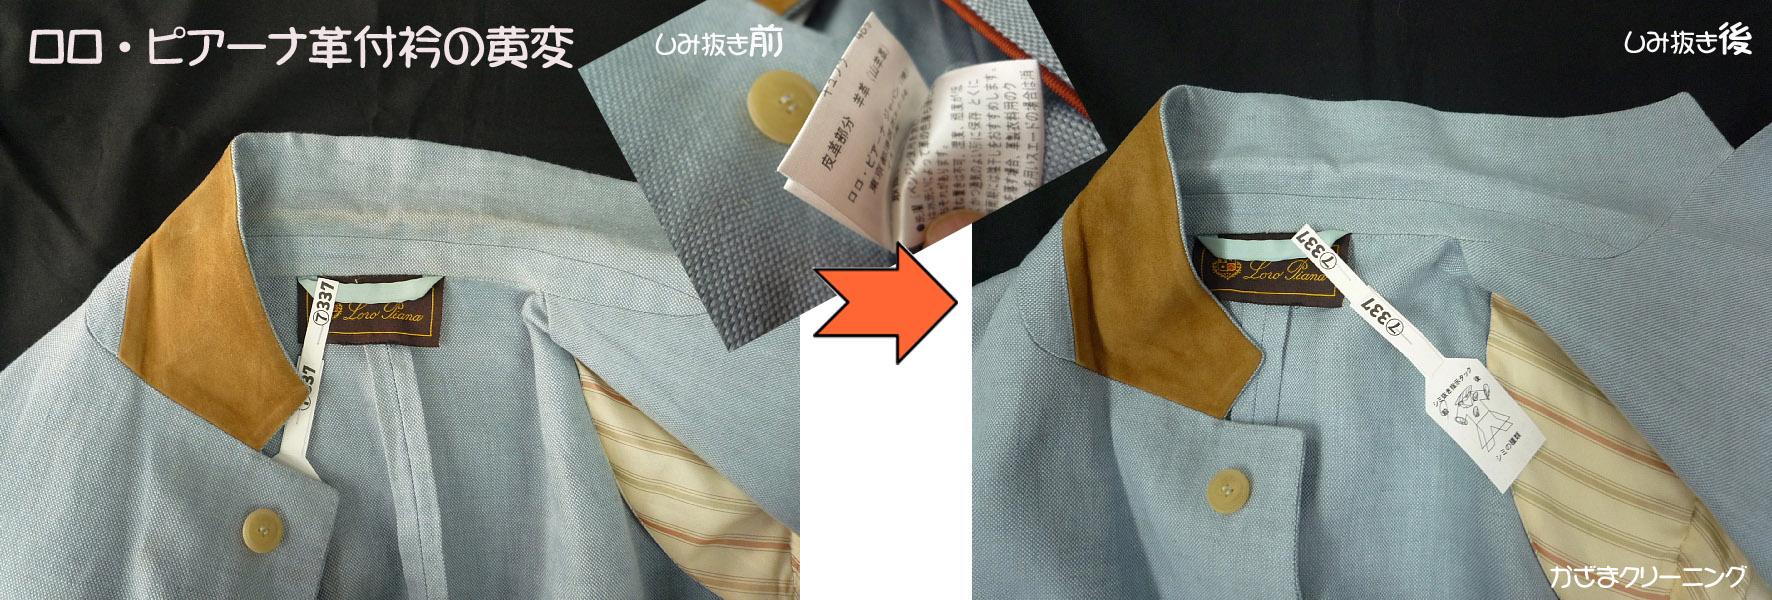 ロロ・ピアーナ革付き衿黄変の染み抜き